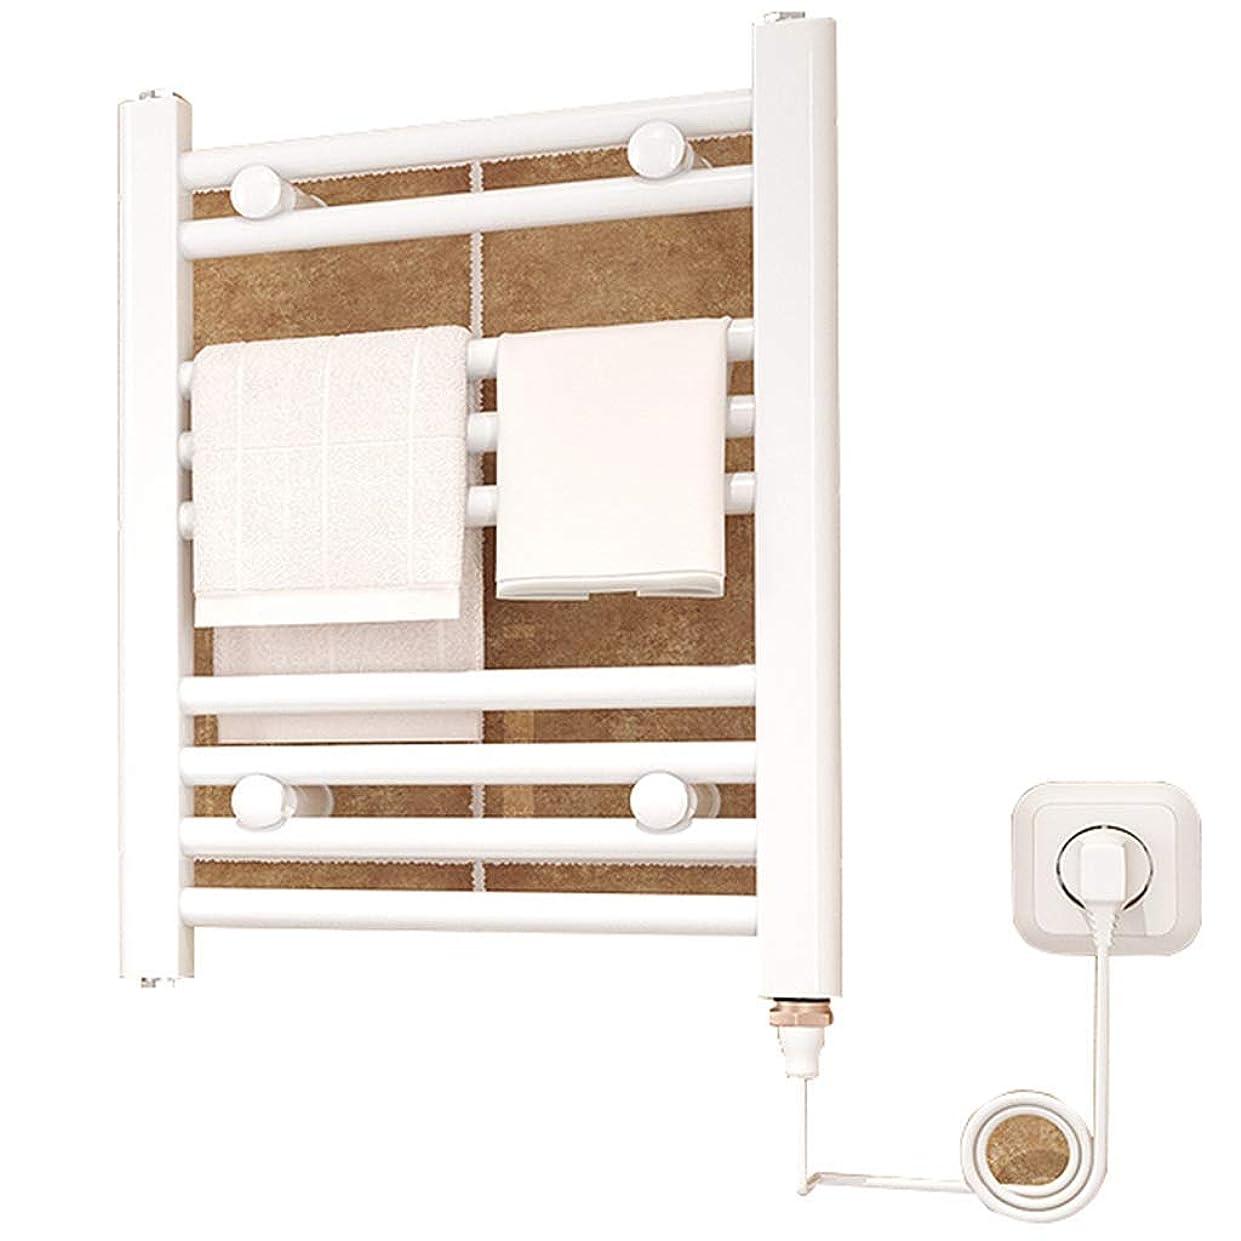 送る衝突習慣浴室の電気タオル壁掛けラジエーター150ワットラック省エネ乾燥抗菌衣服乾燥ラック